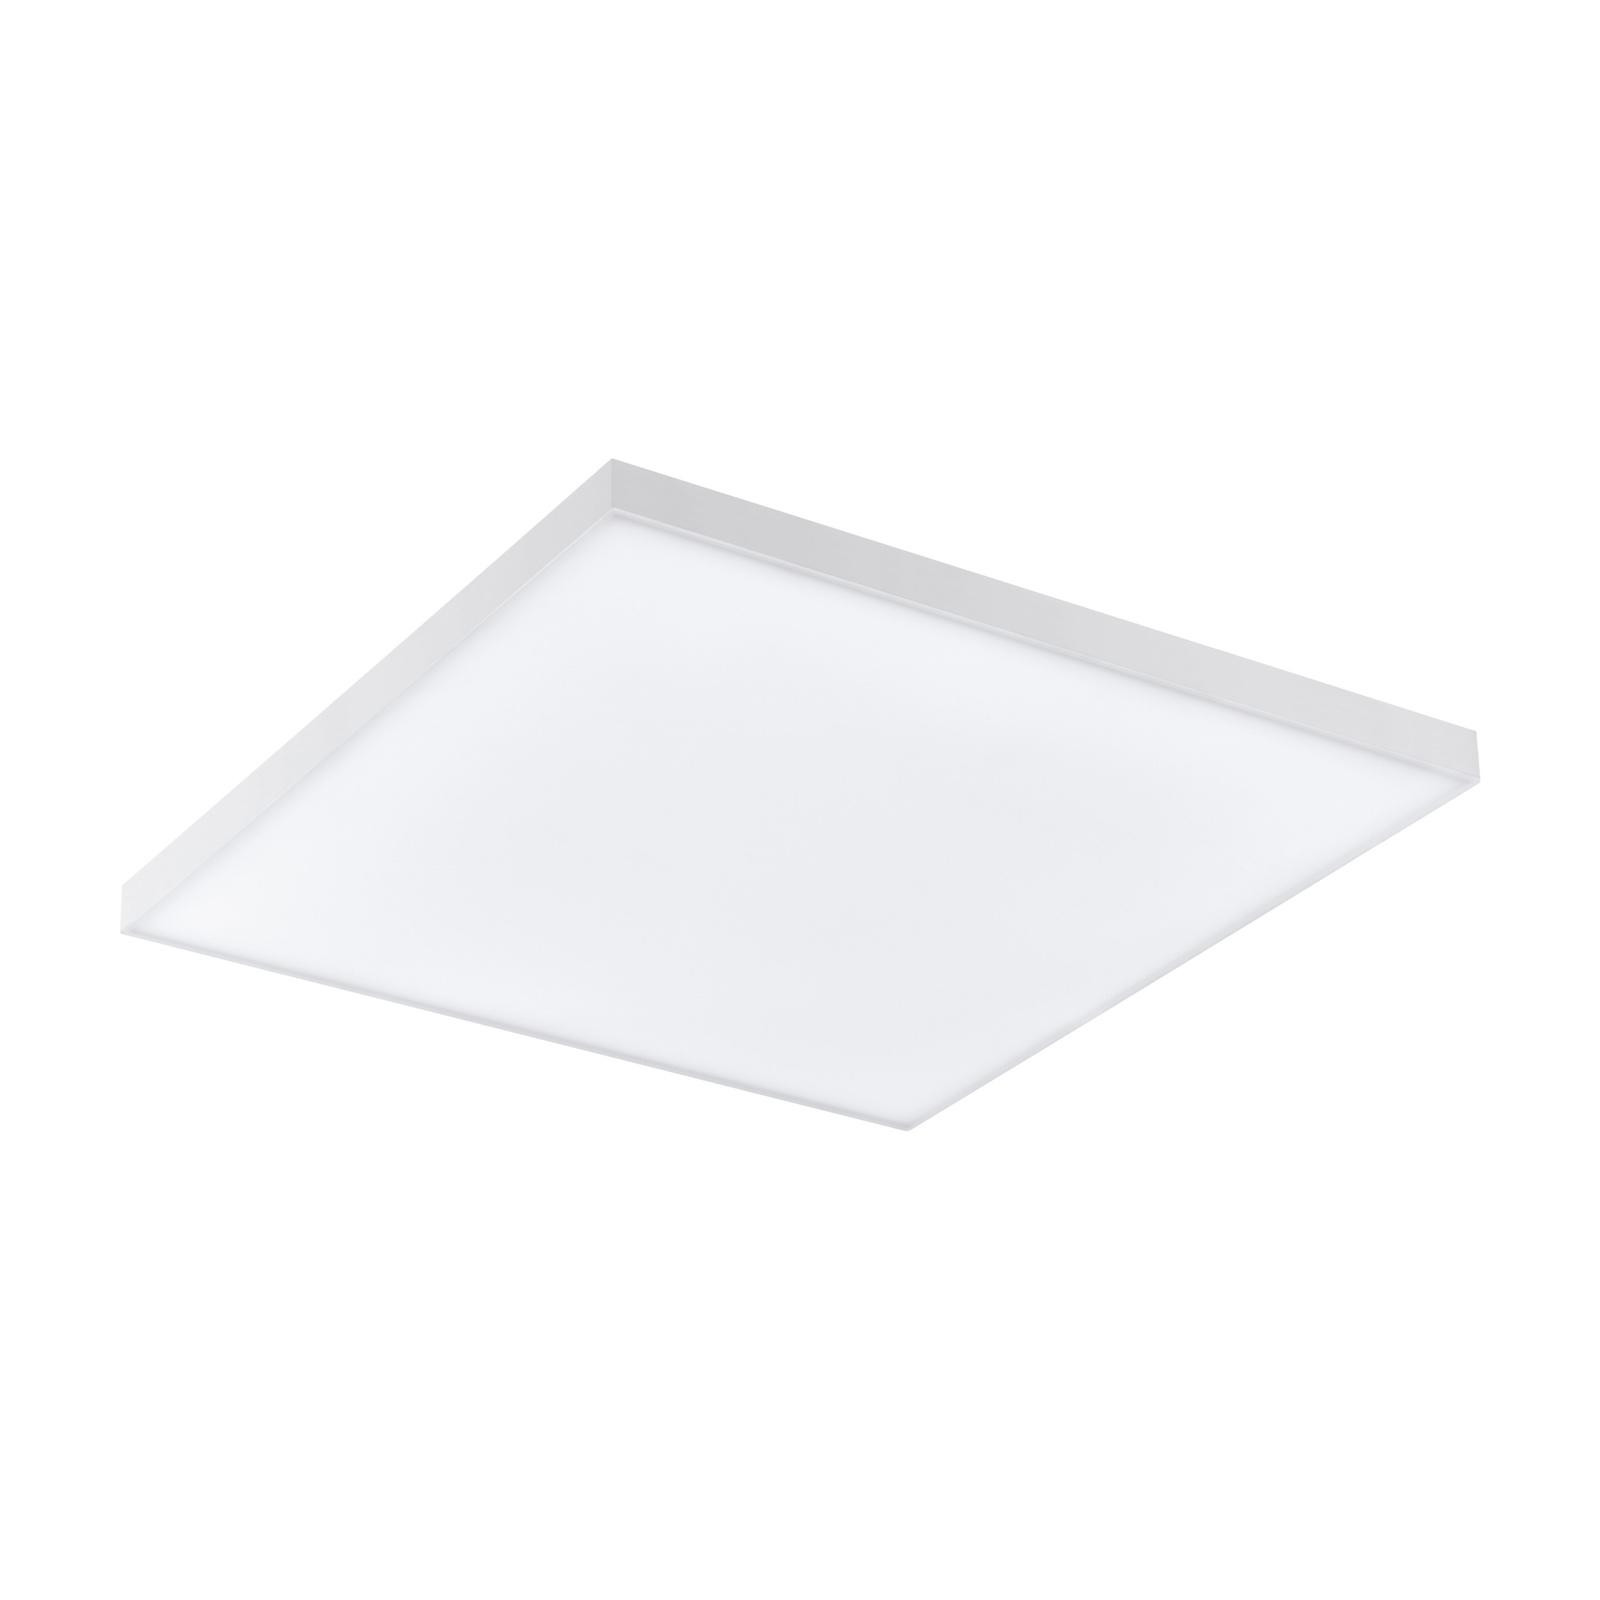 Lámpara LED de techo Turcona, 30 x 30 cm